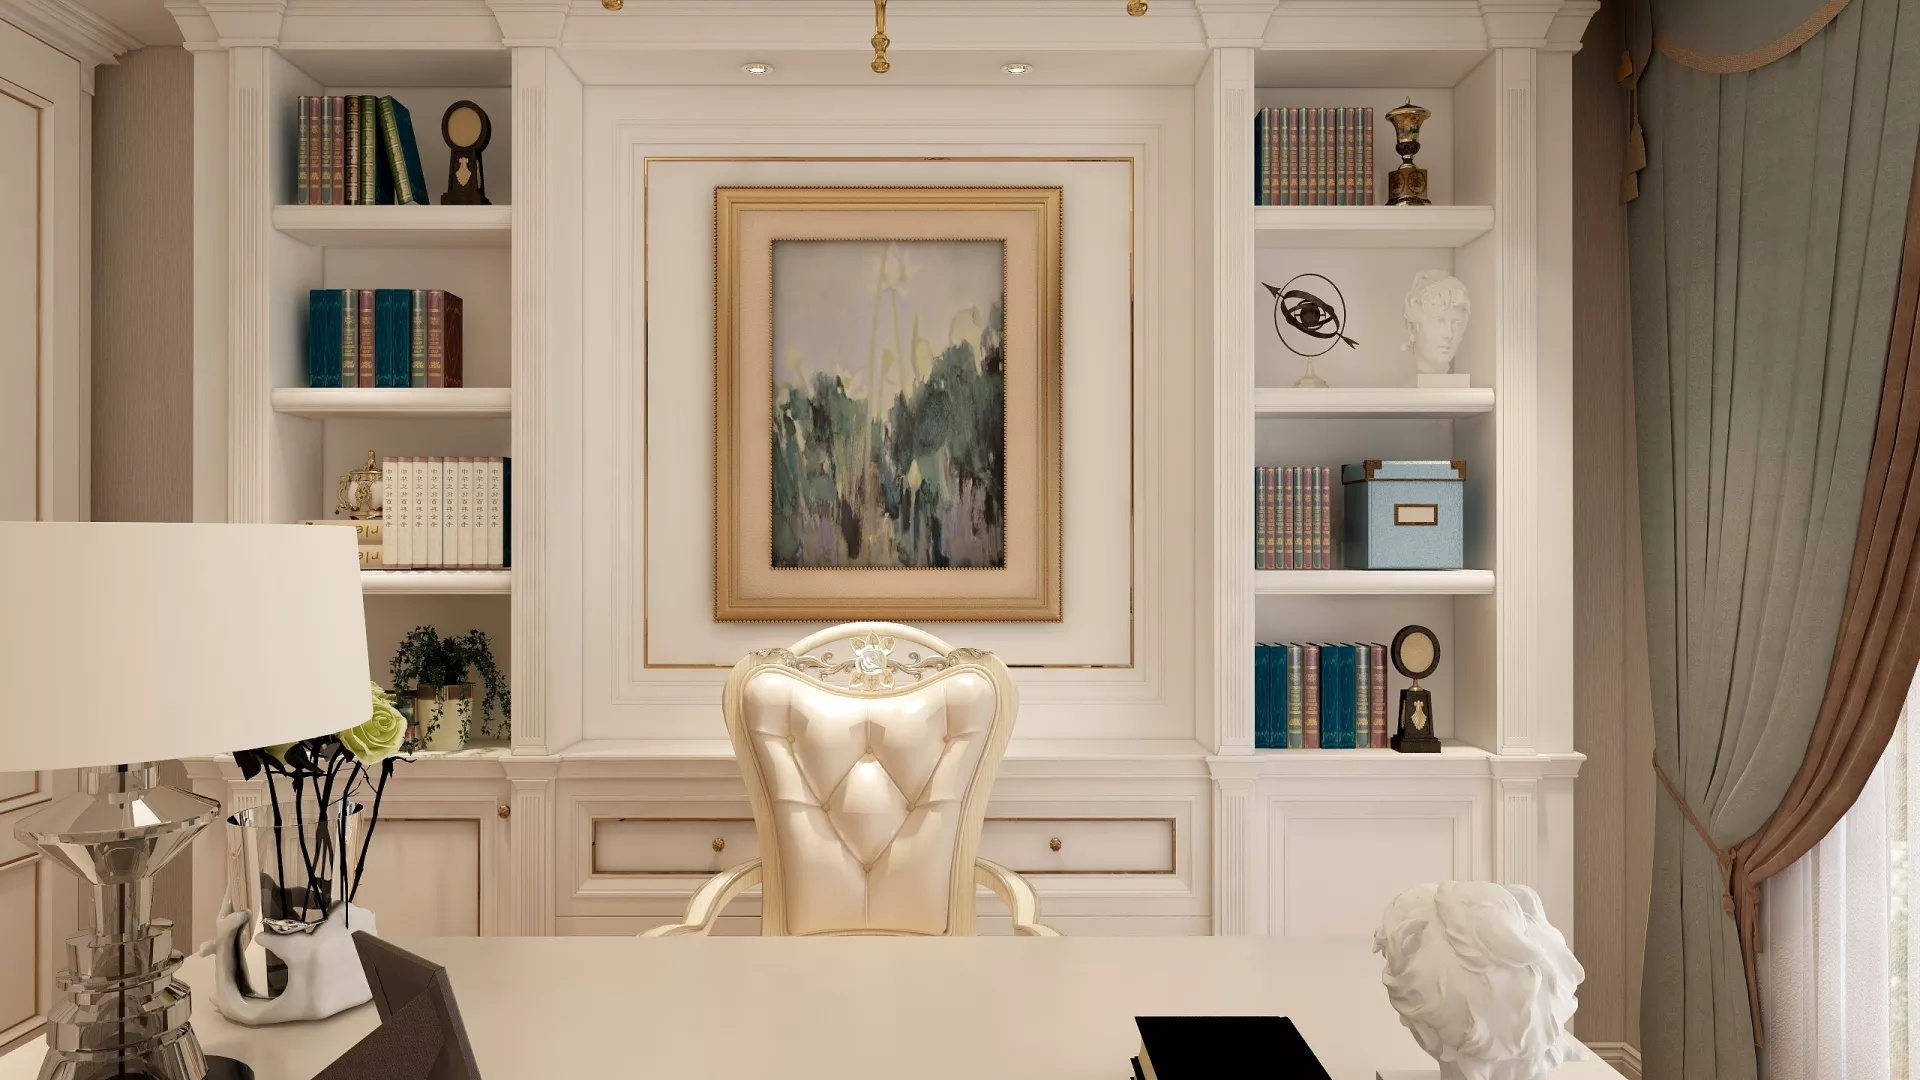 想买房,有公积金,想问二手房公积金贷款可以吗